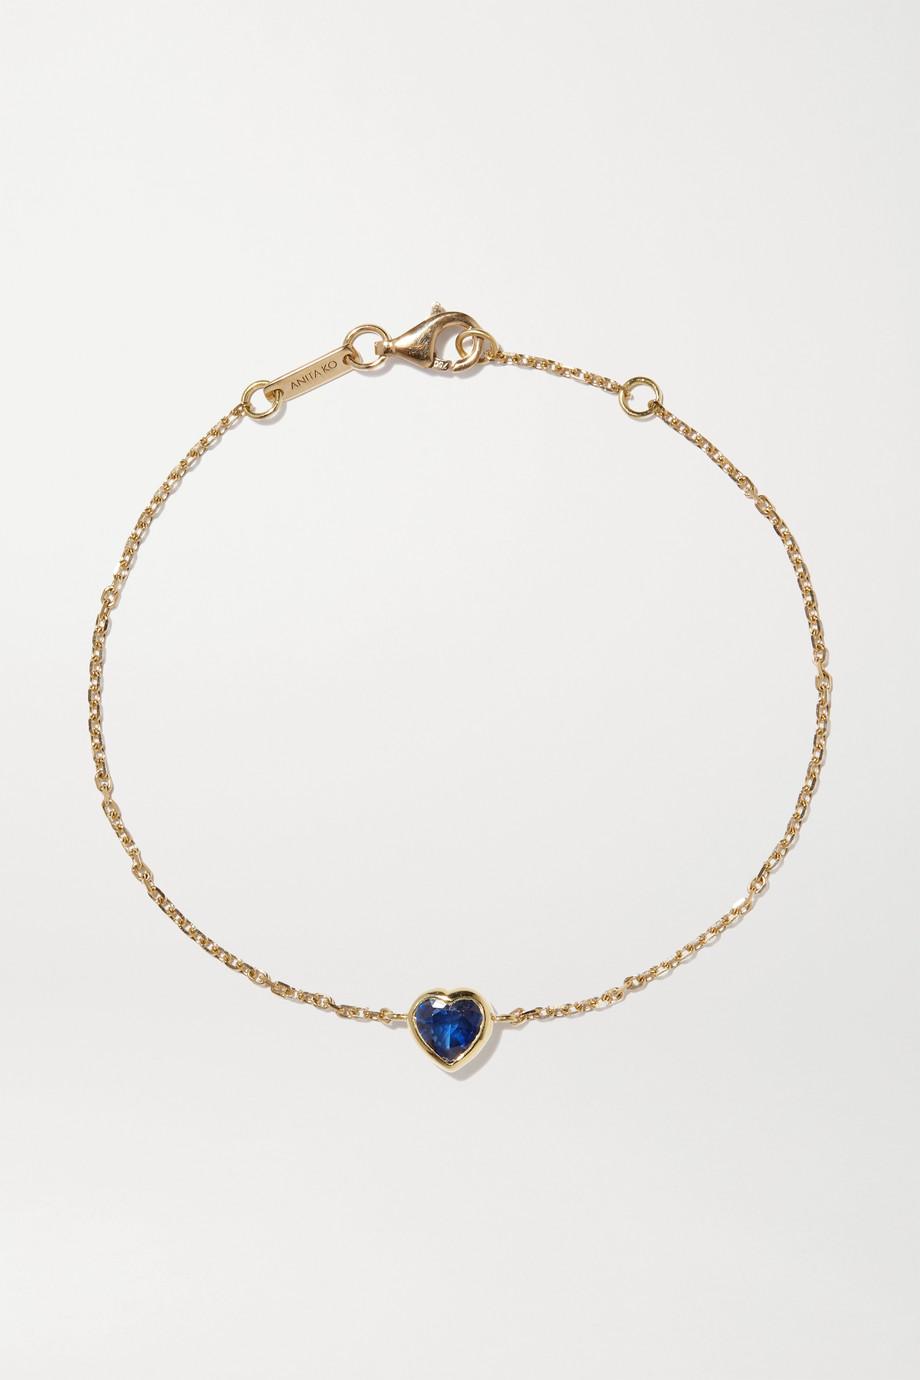 Anita Ko 18-karat gold sapphire bracelet